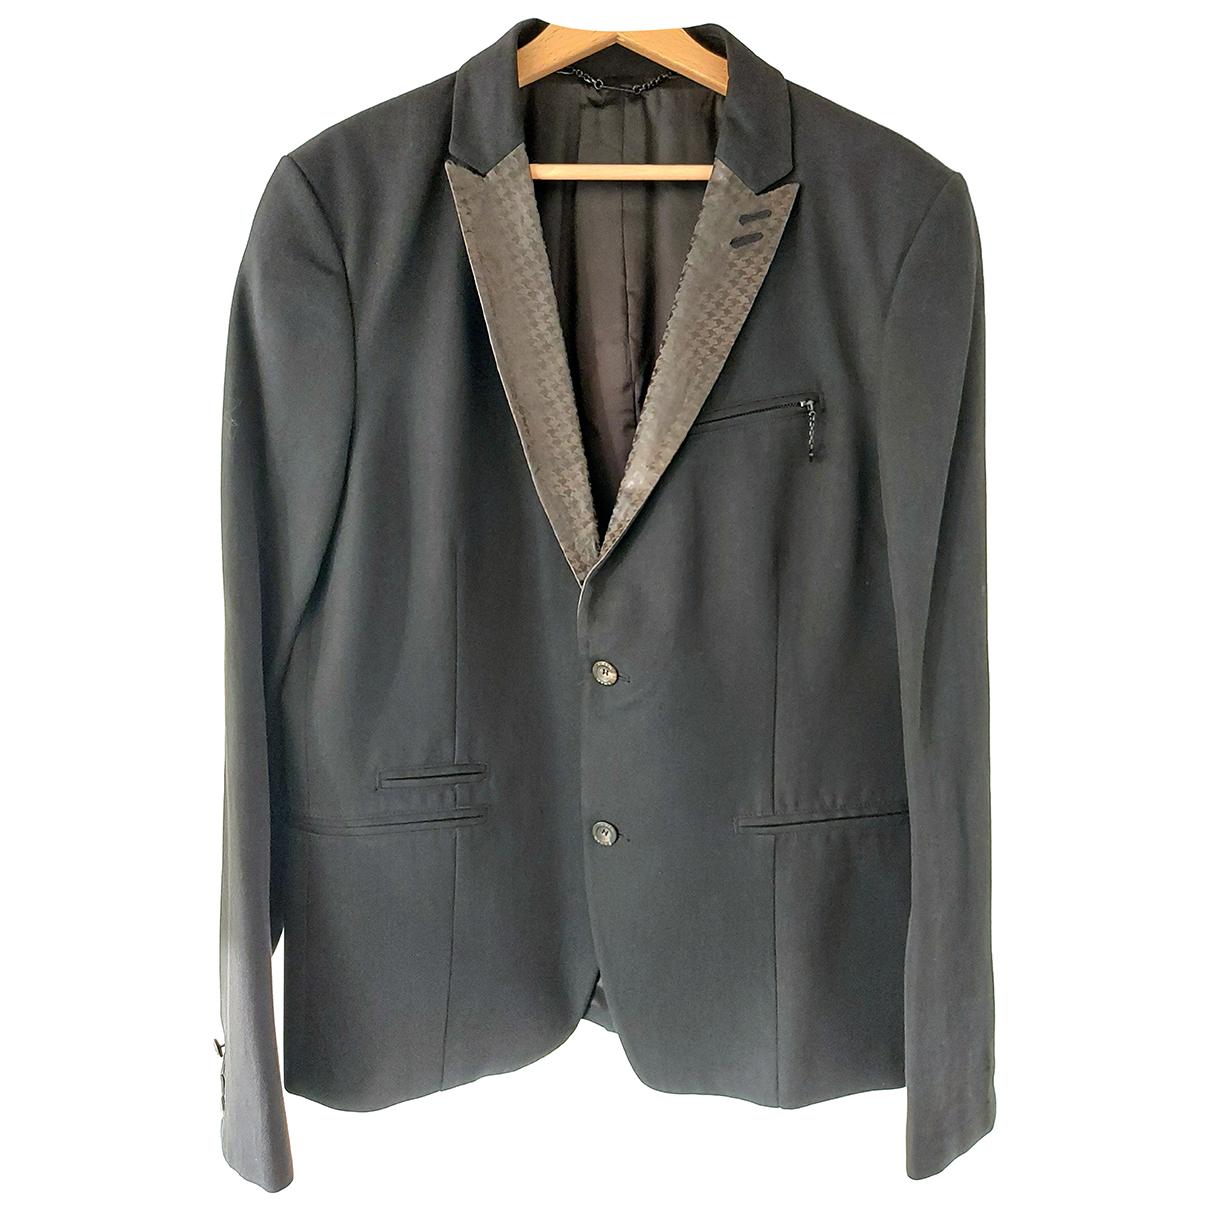 Diesel - Costumes   pour homme en laine - noir